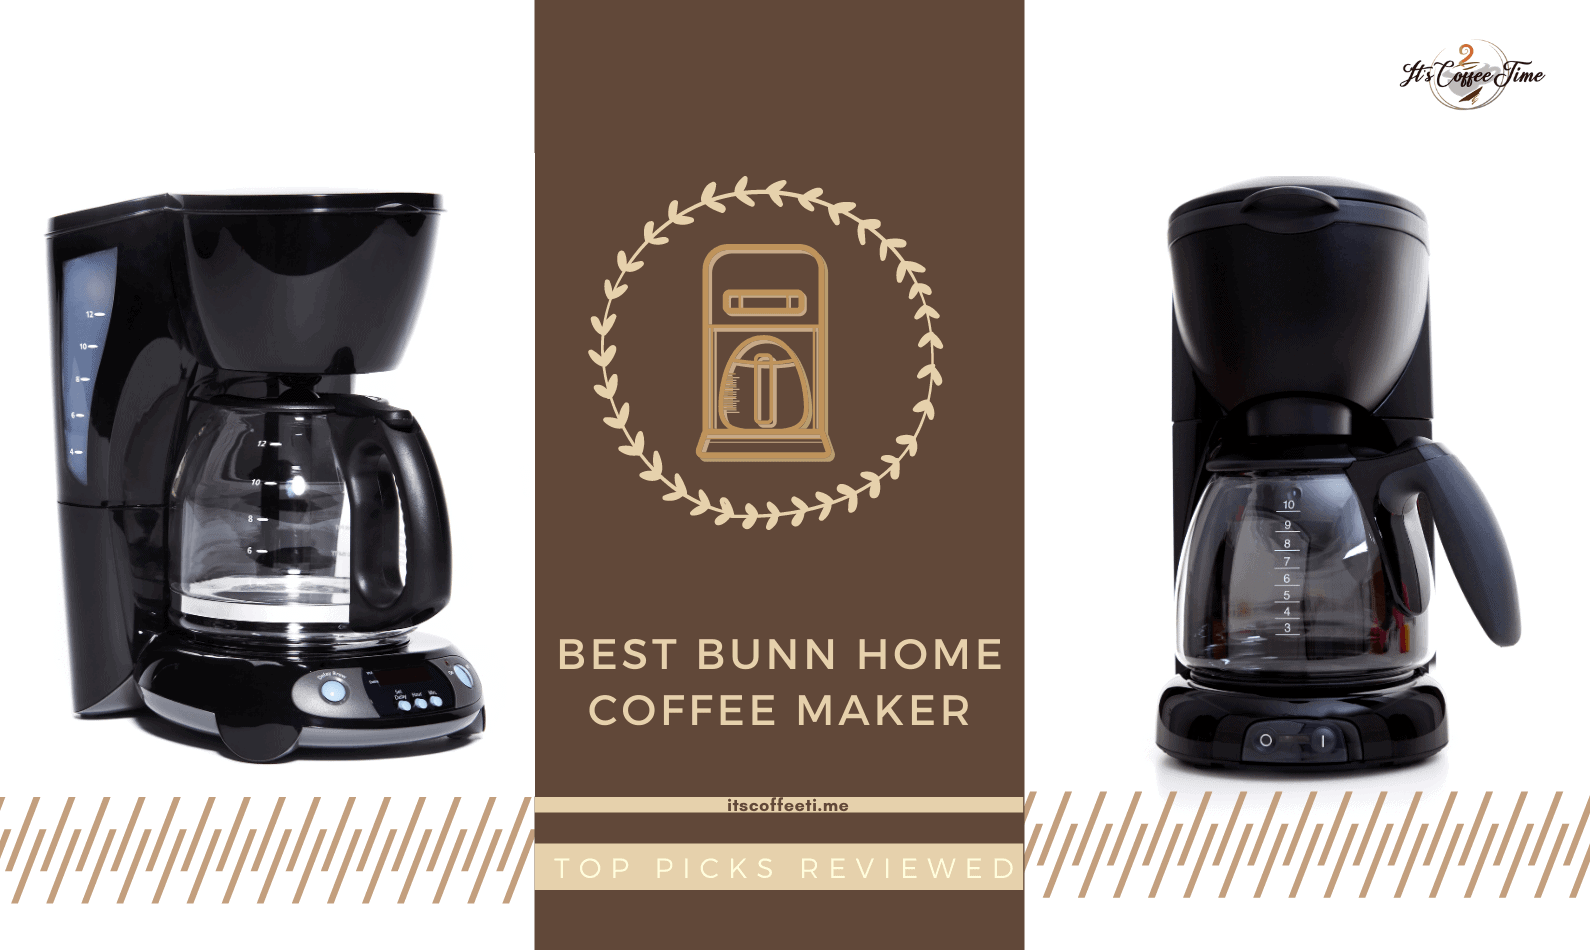 Best Bunn Home Coffee Maker